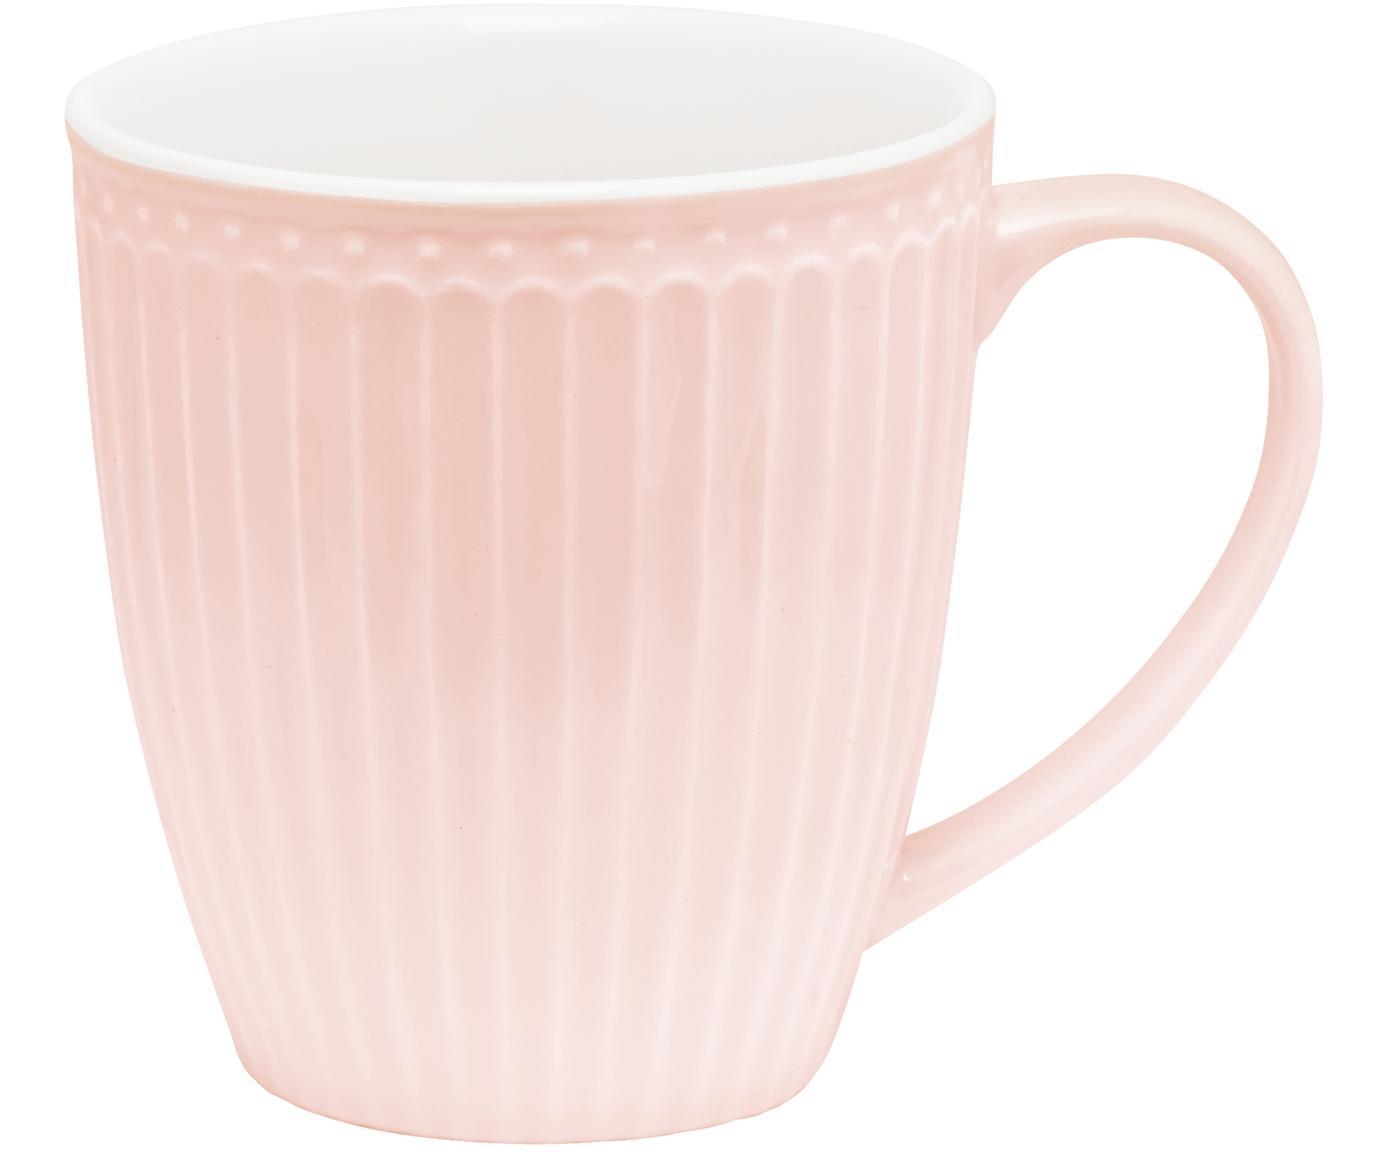 Tassen Alice in Rosa mit Reliefdesign, 2 Stück, Porzellan, Rosa, Ø 10 x H 10 cm